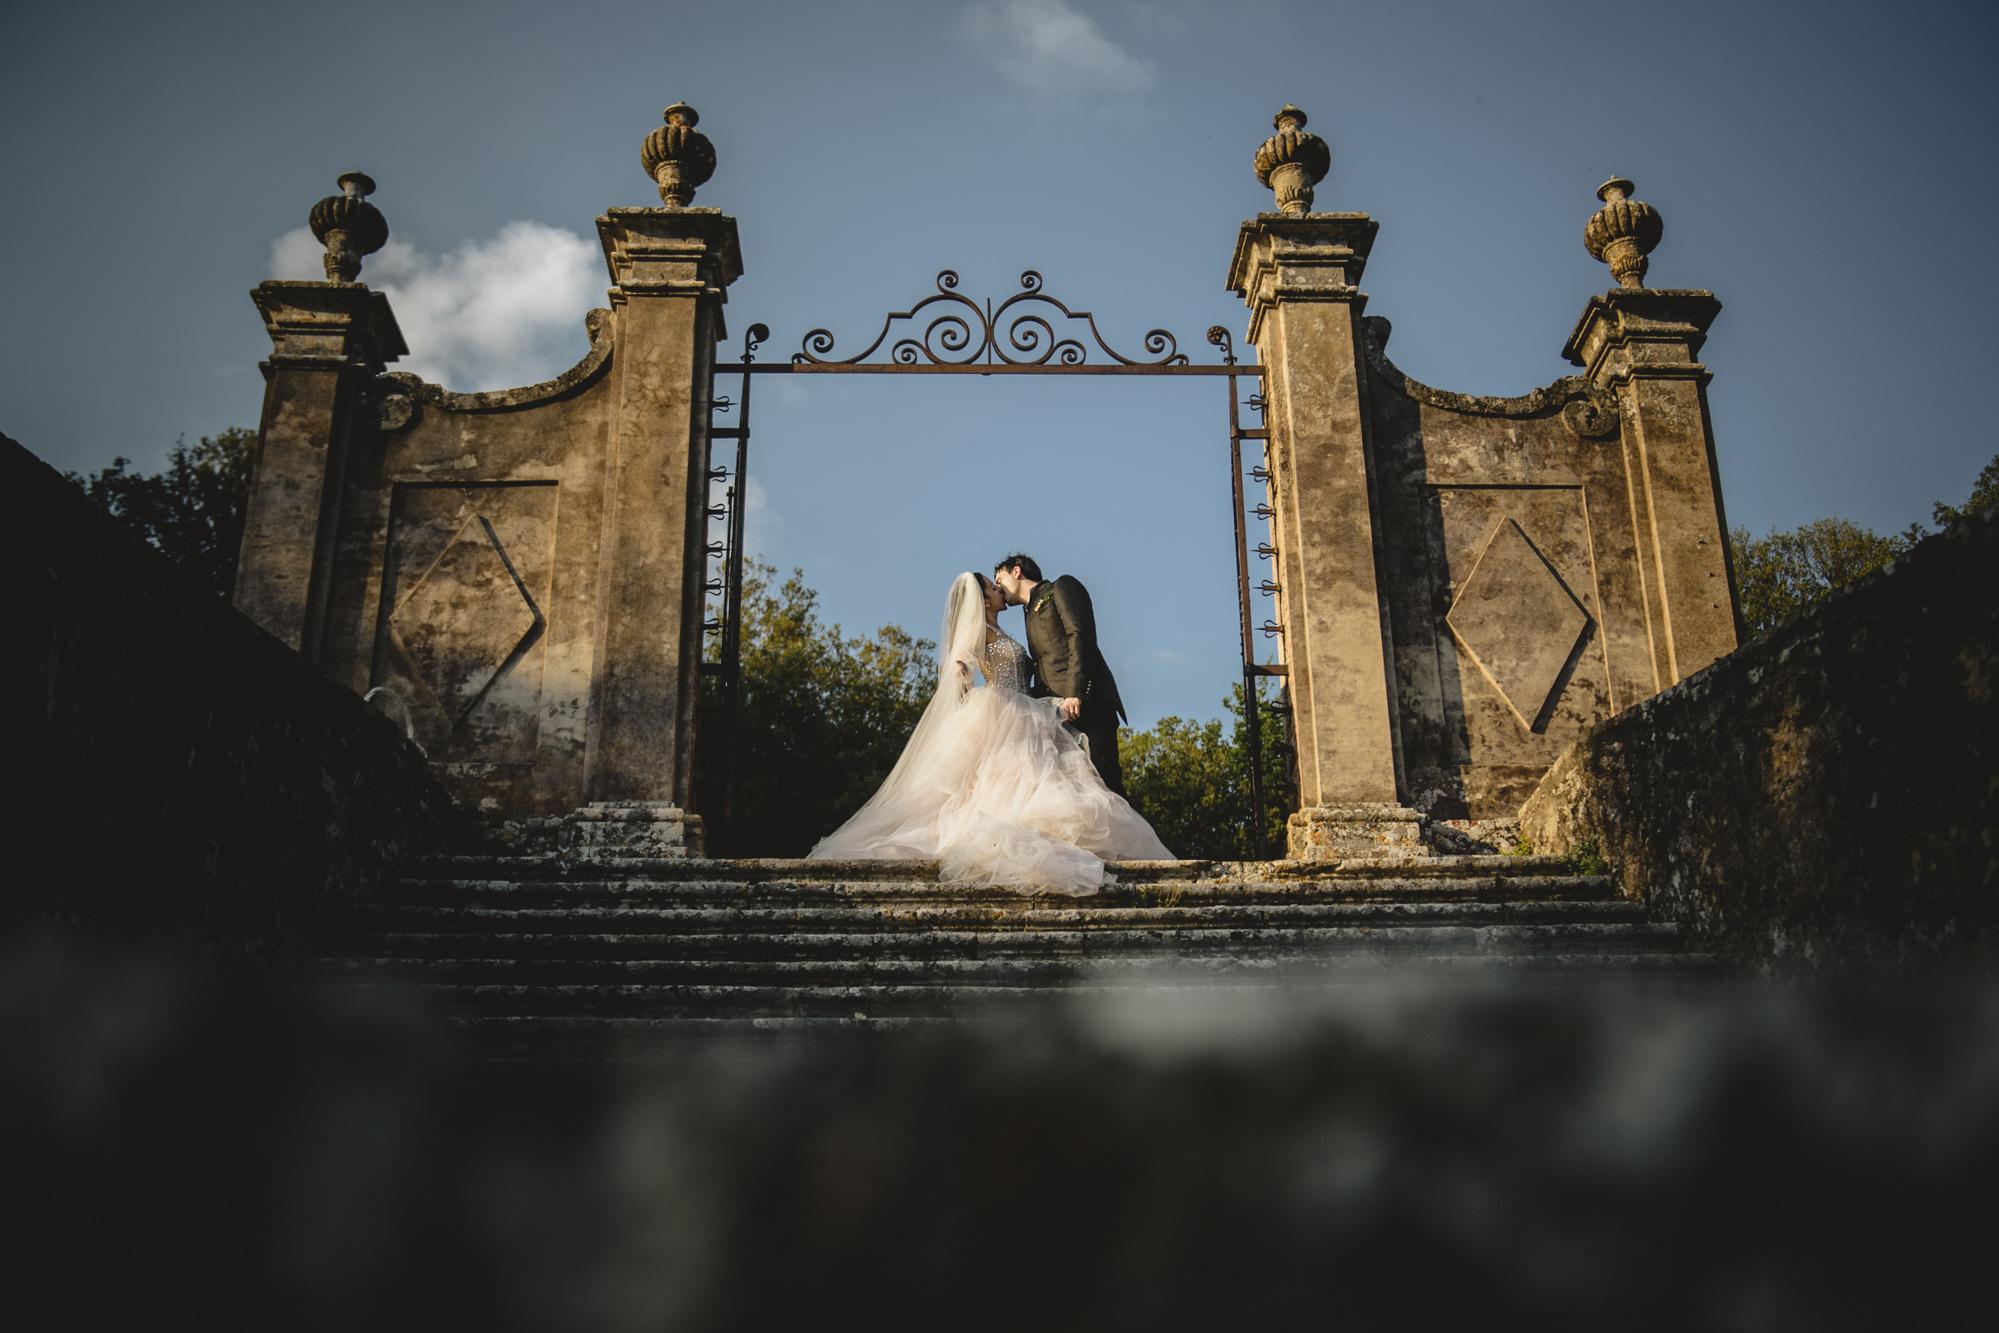 Matrimonio Castello di Celsa Siena Toscana